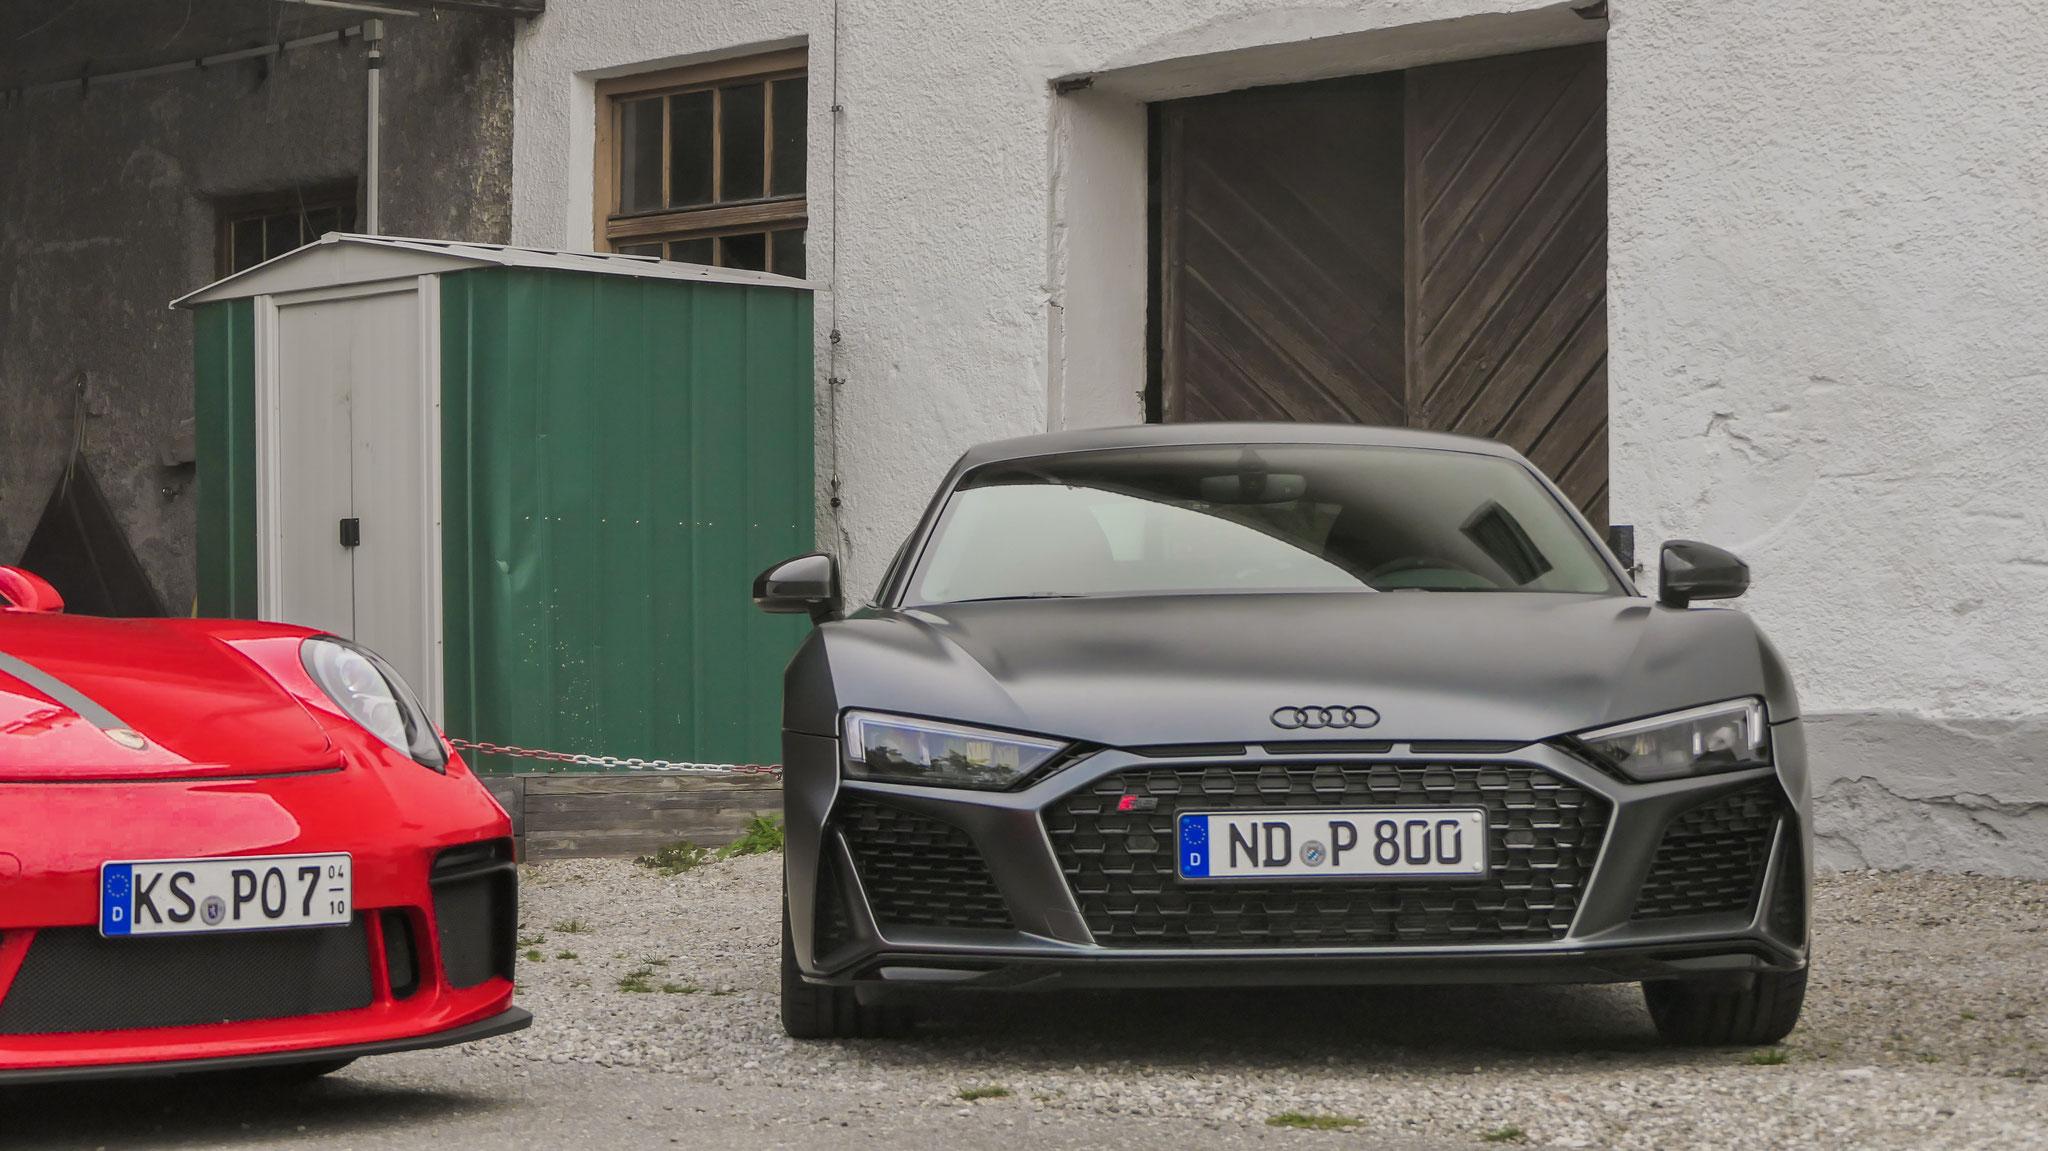 Audi R8 V10 - ND-P-800